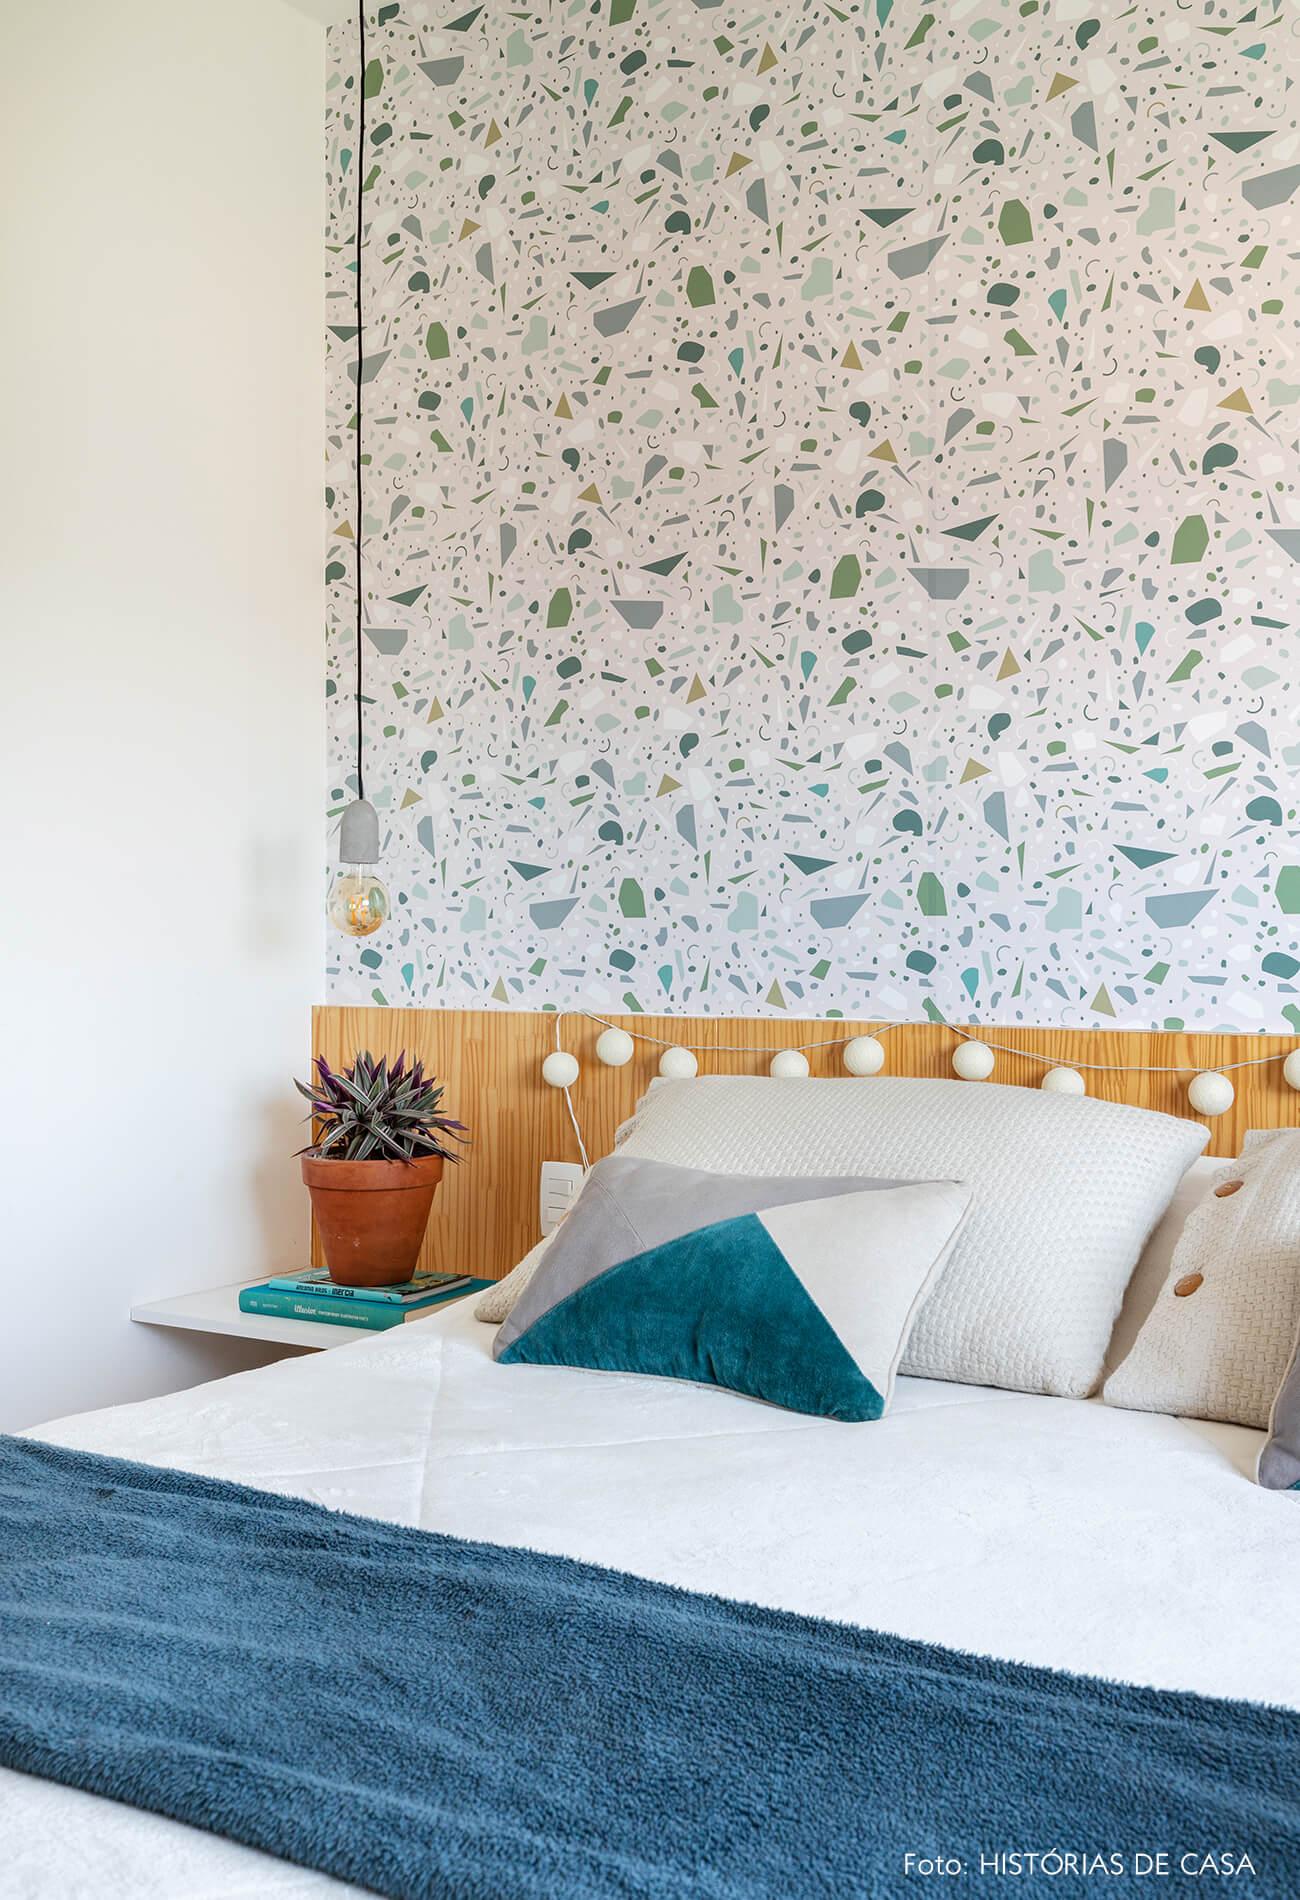 decoração quarto com papel de parede de granilite e cabeceira de madeira